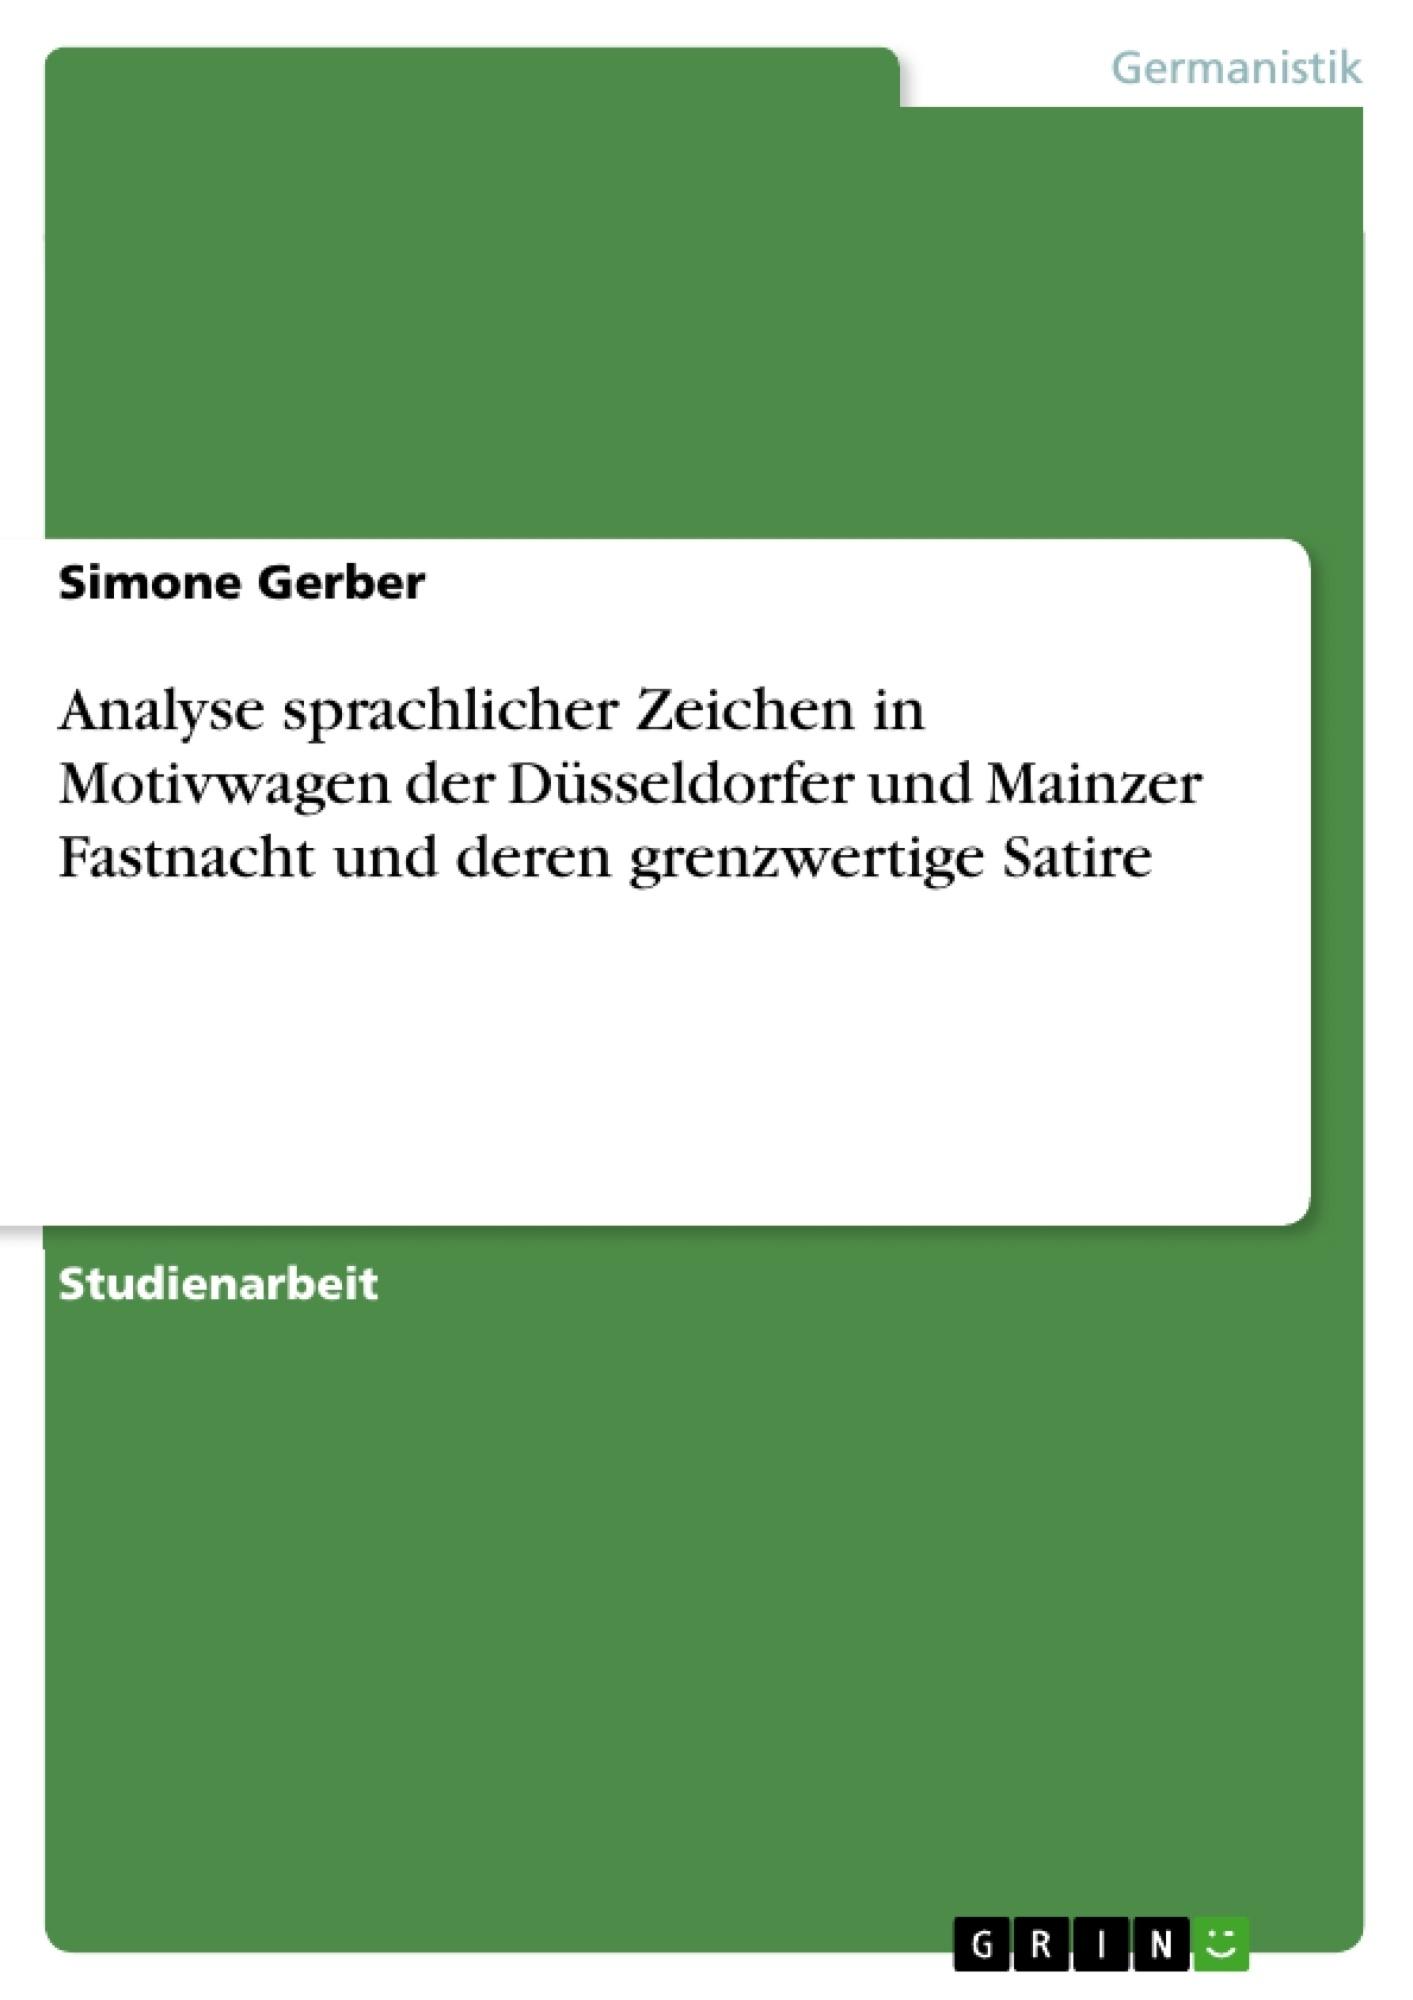 Titel: Analyse sprachlicher Zeichen in Motivwagen der Düsseldorfer und Mainzer Fastnacht und deren grenzwertige Satire